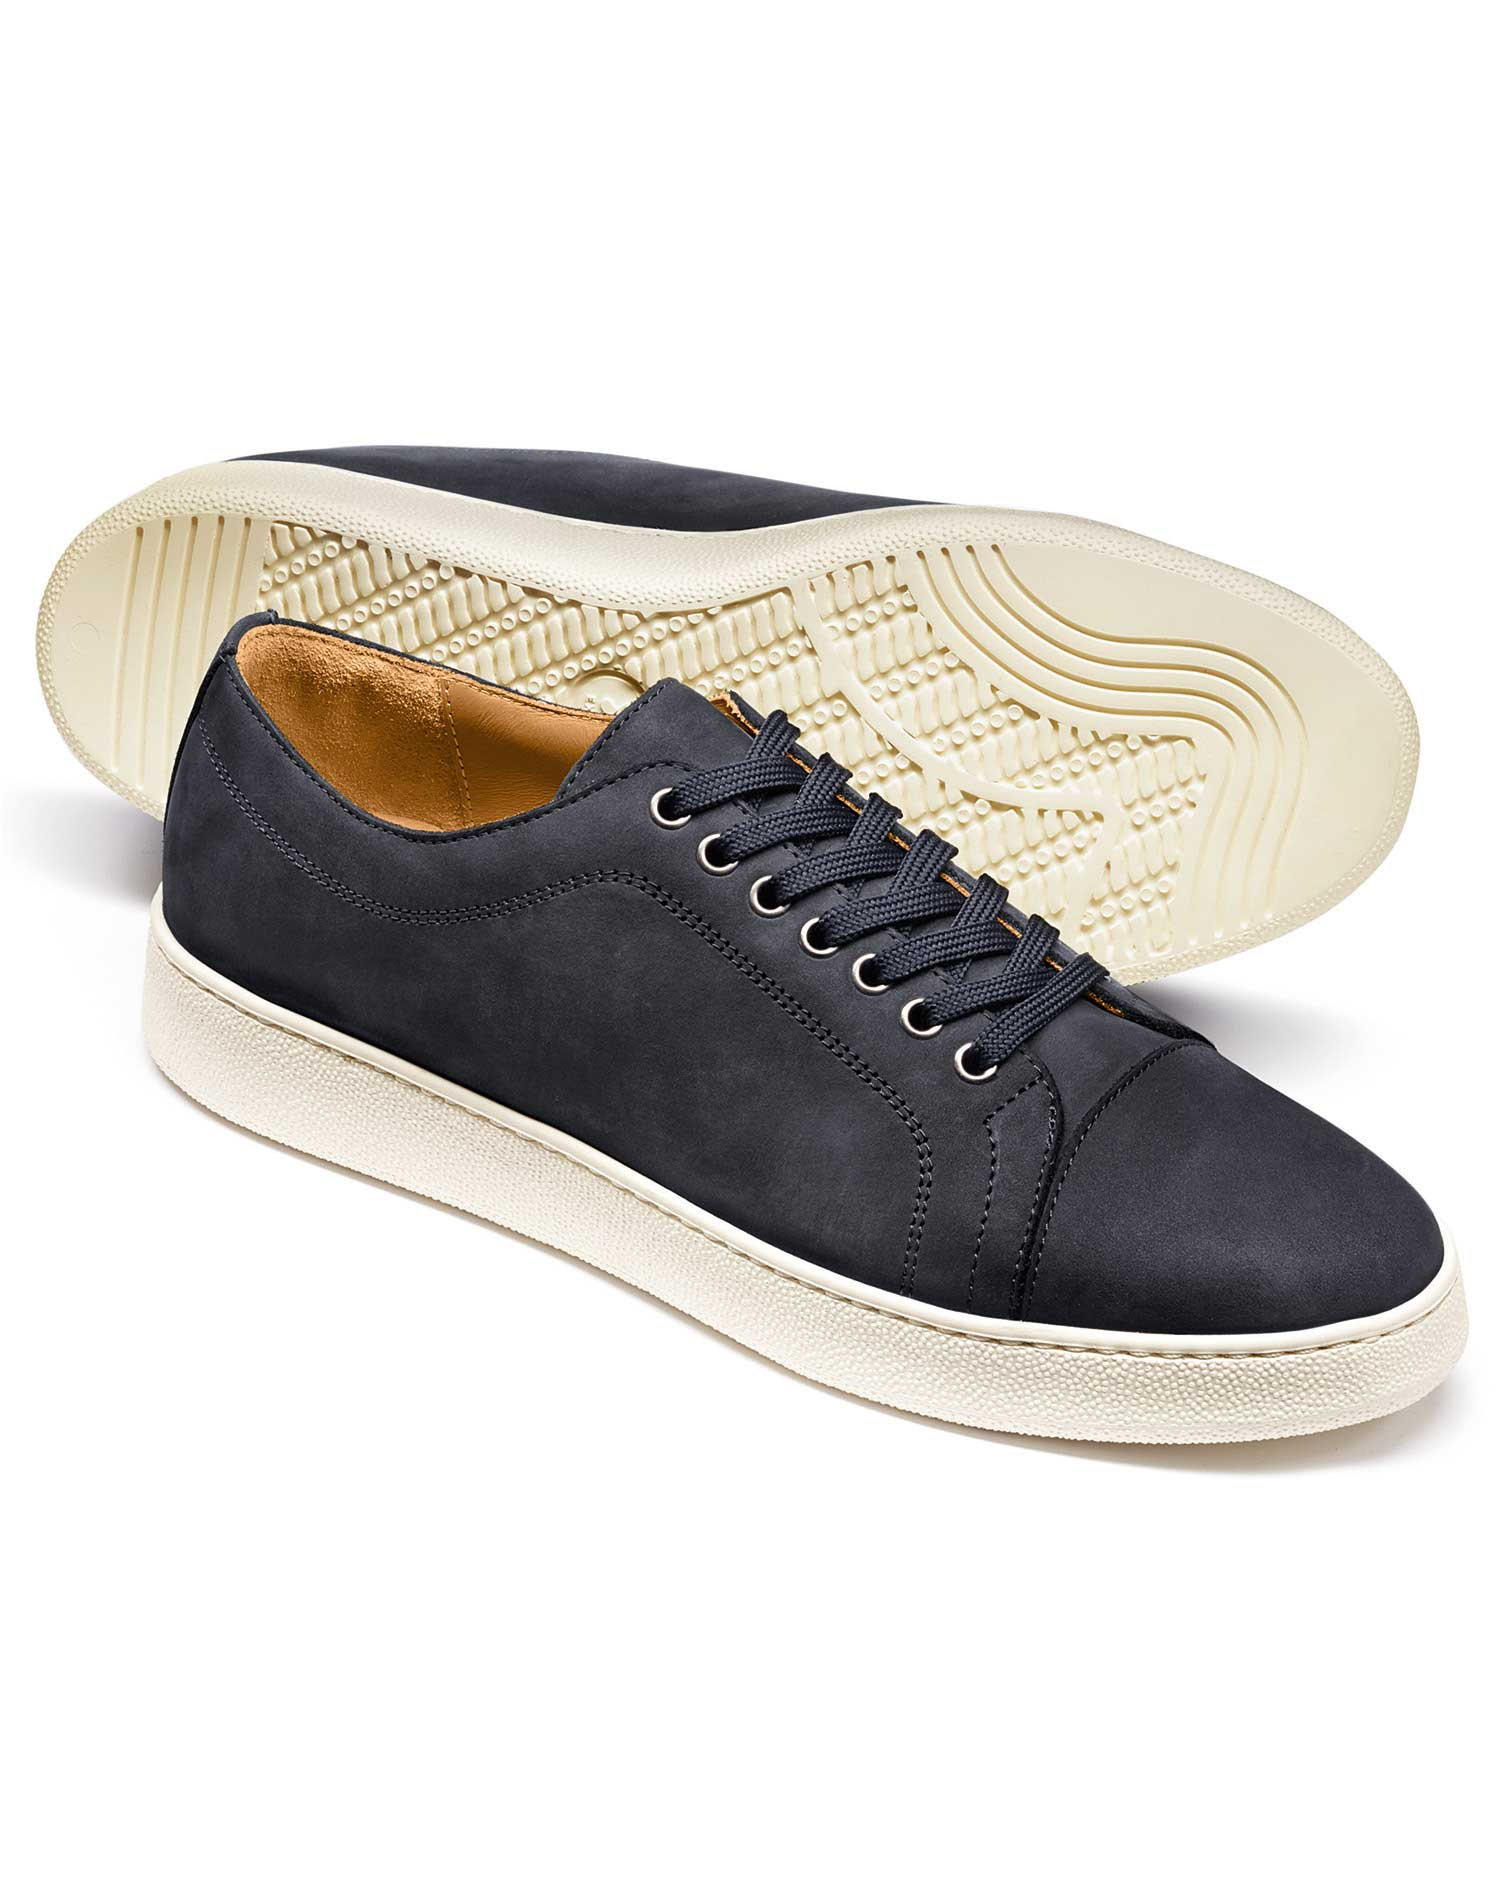 f381c90418d0 ... Blue nubuck leather toe cap sneakers. SALE